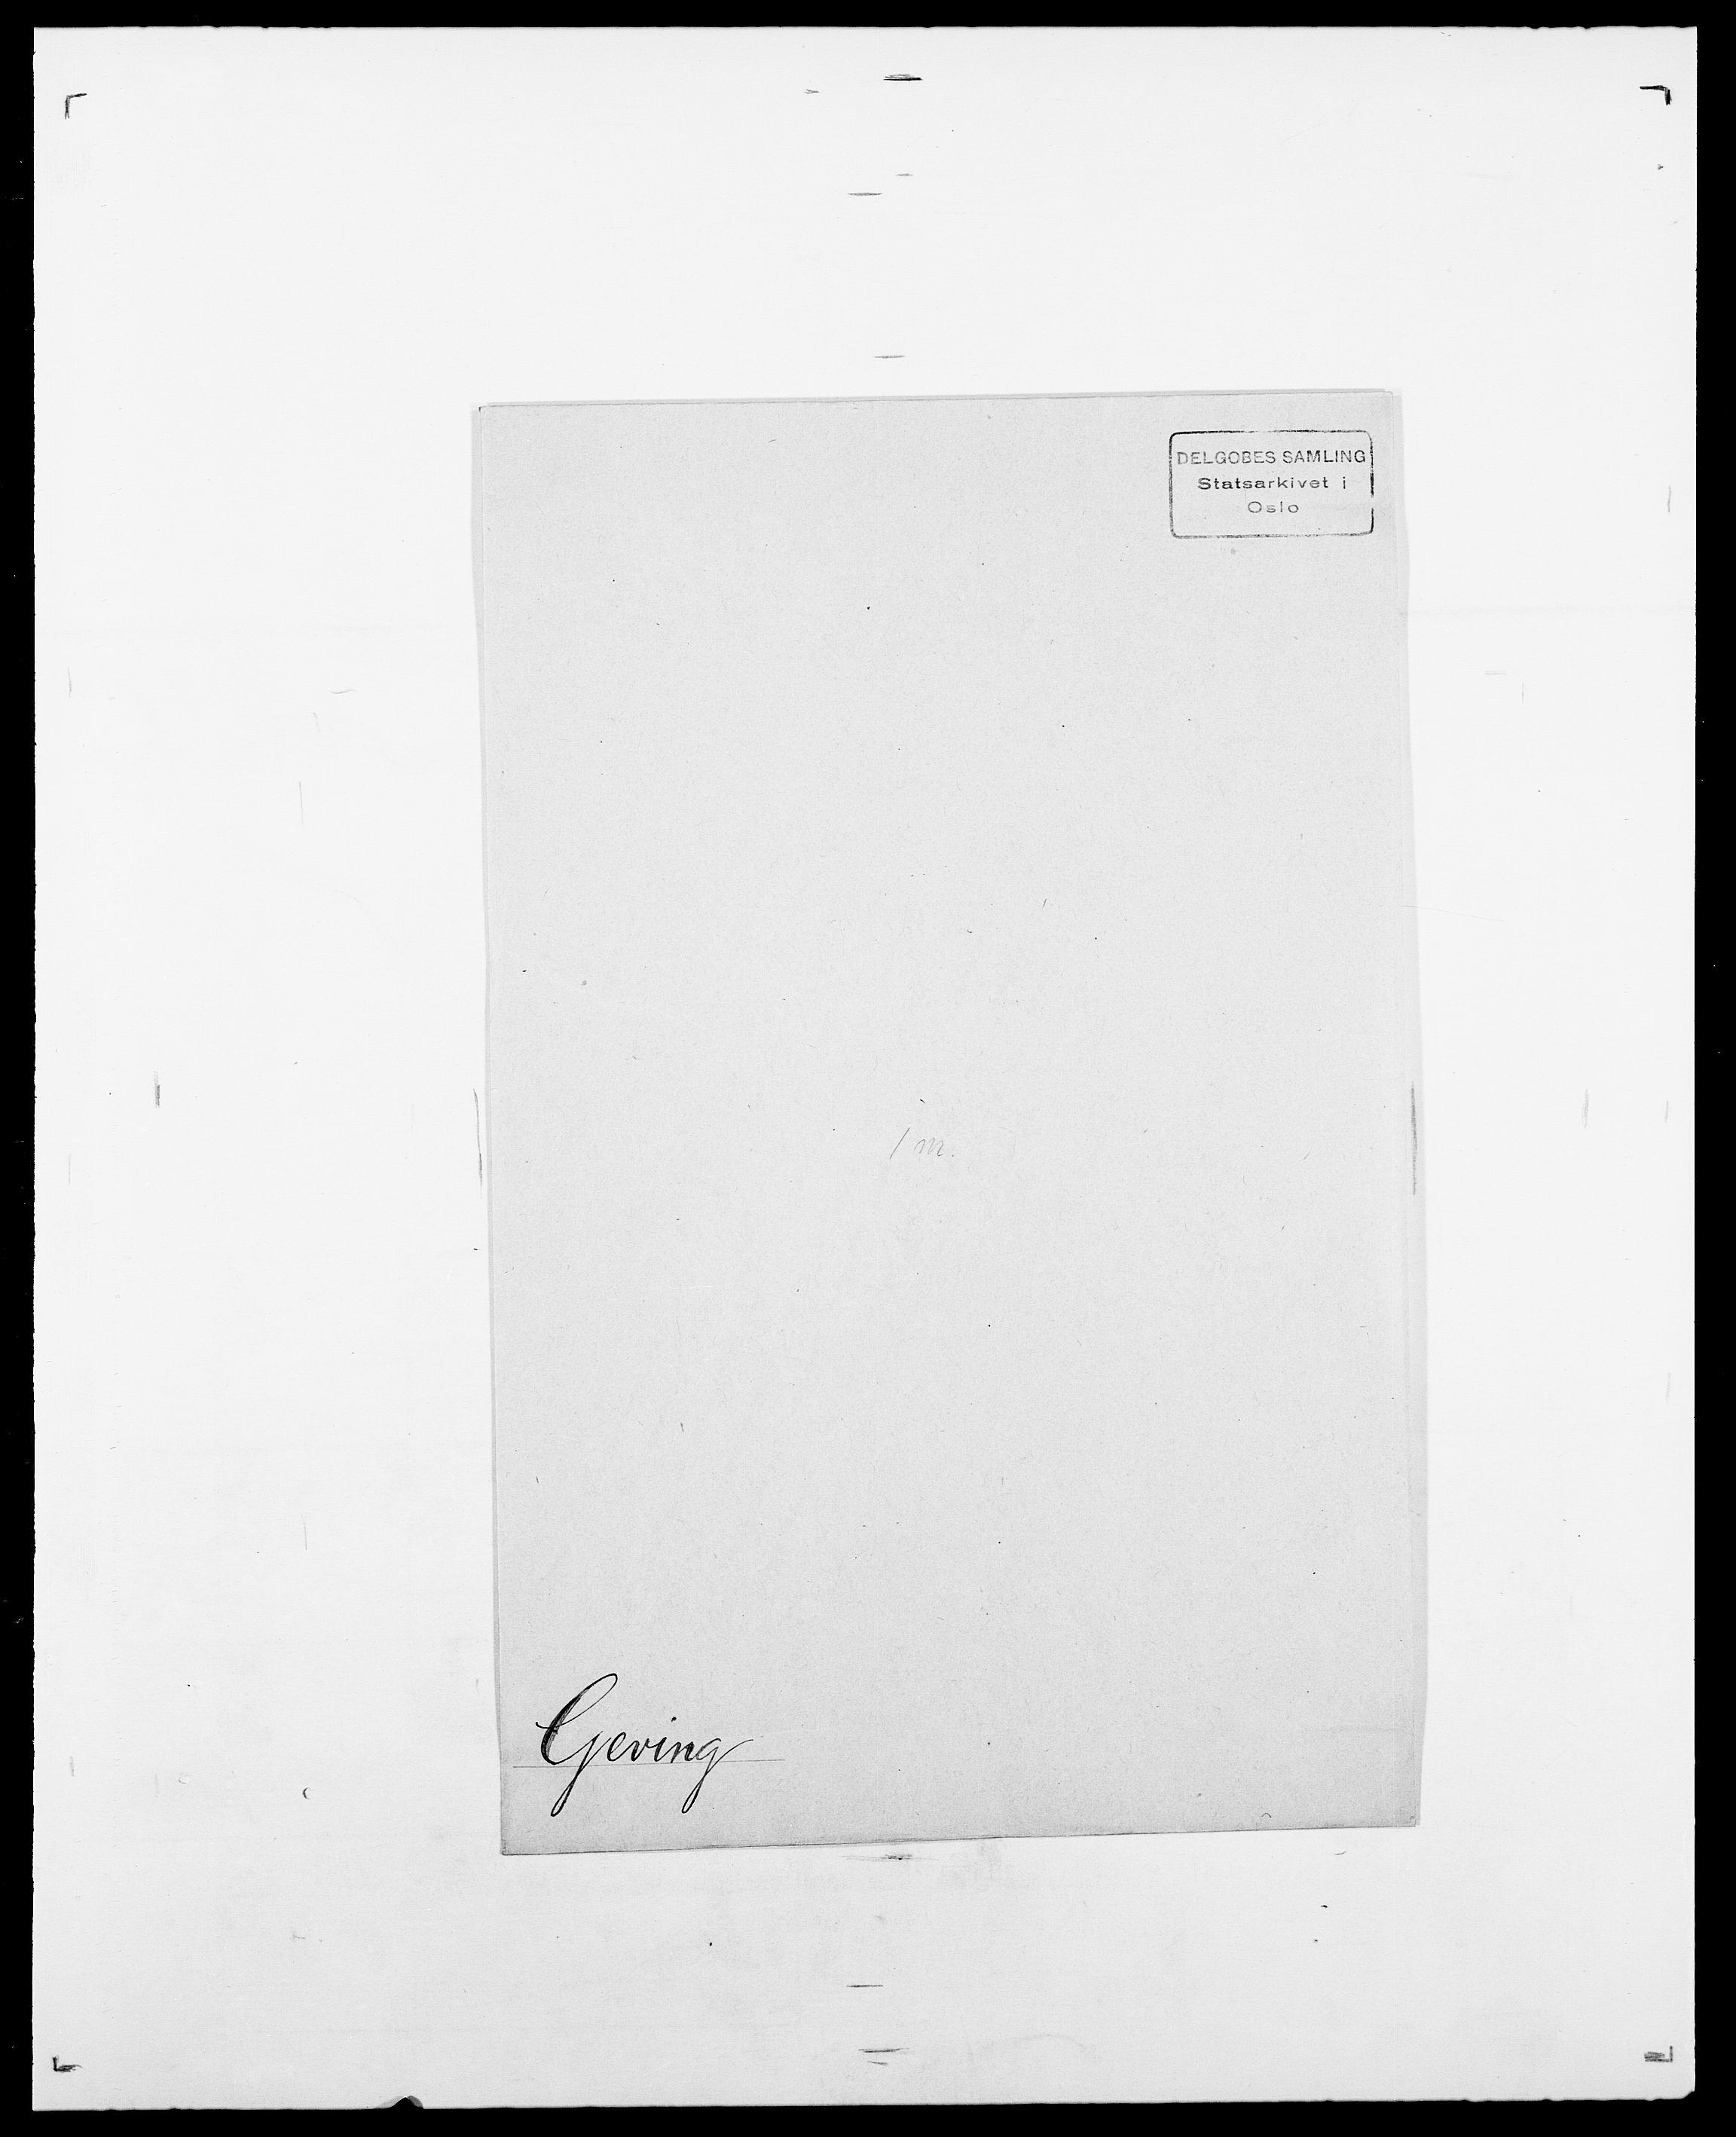 SAO, Delgobe, Charles Antoine - samling, D/Da/L0013: Forbos - Geving, s. 676